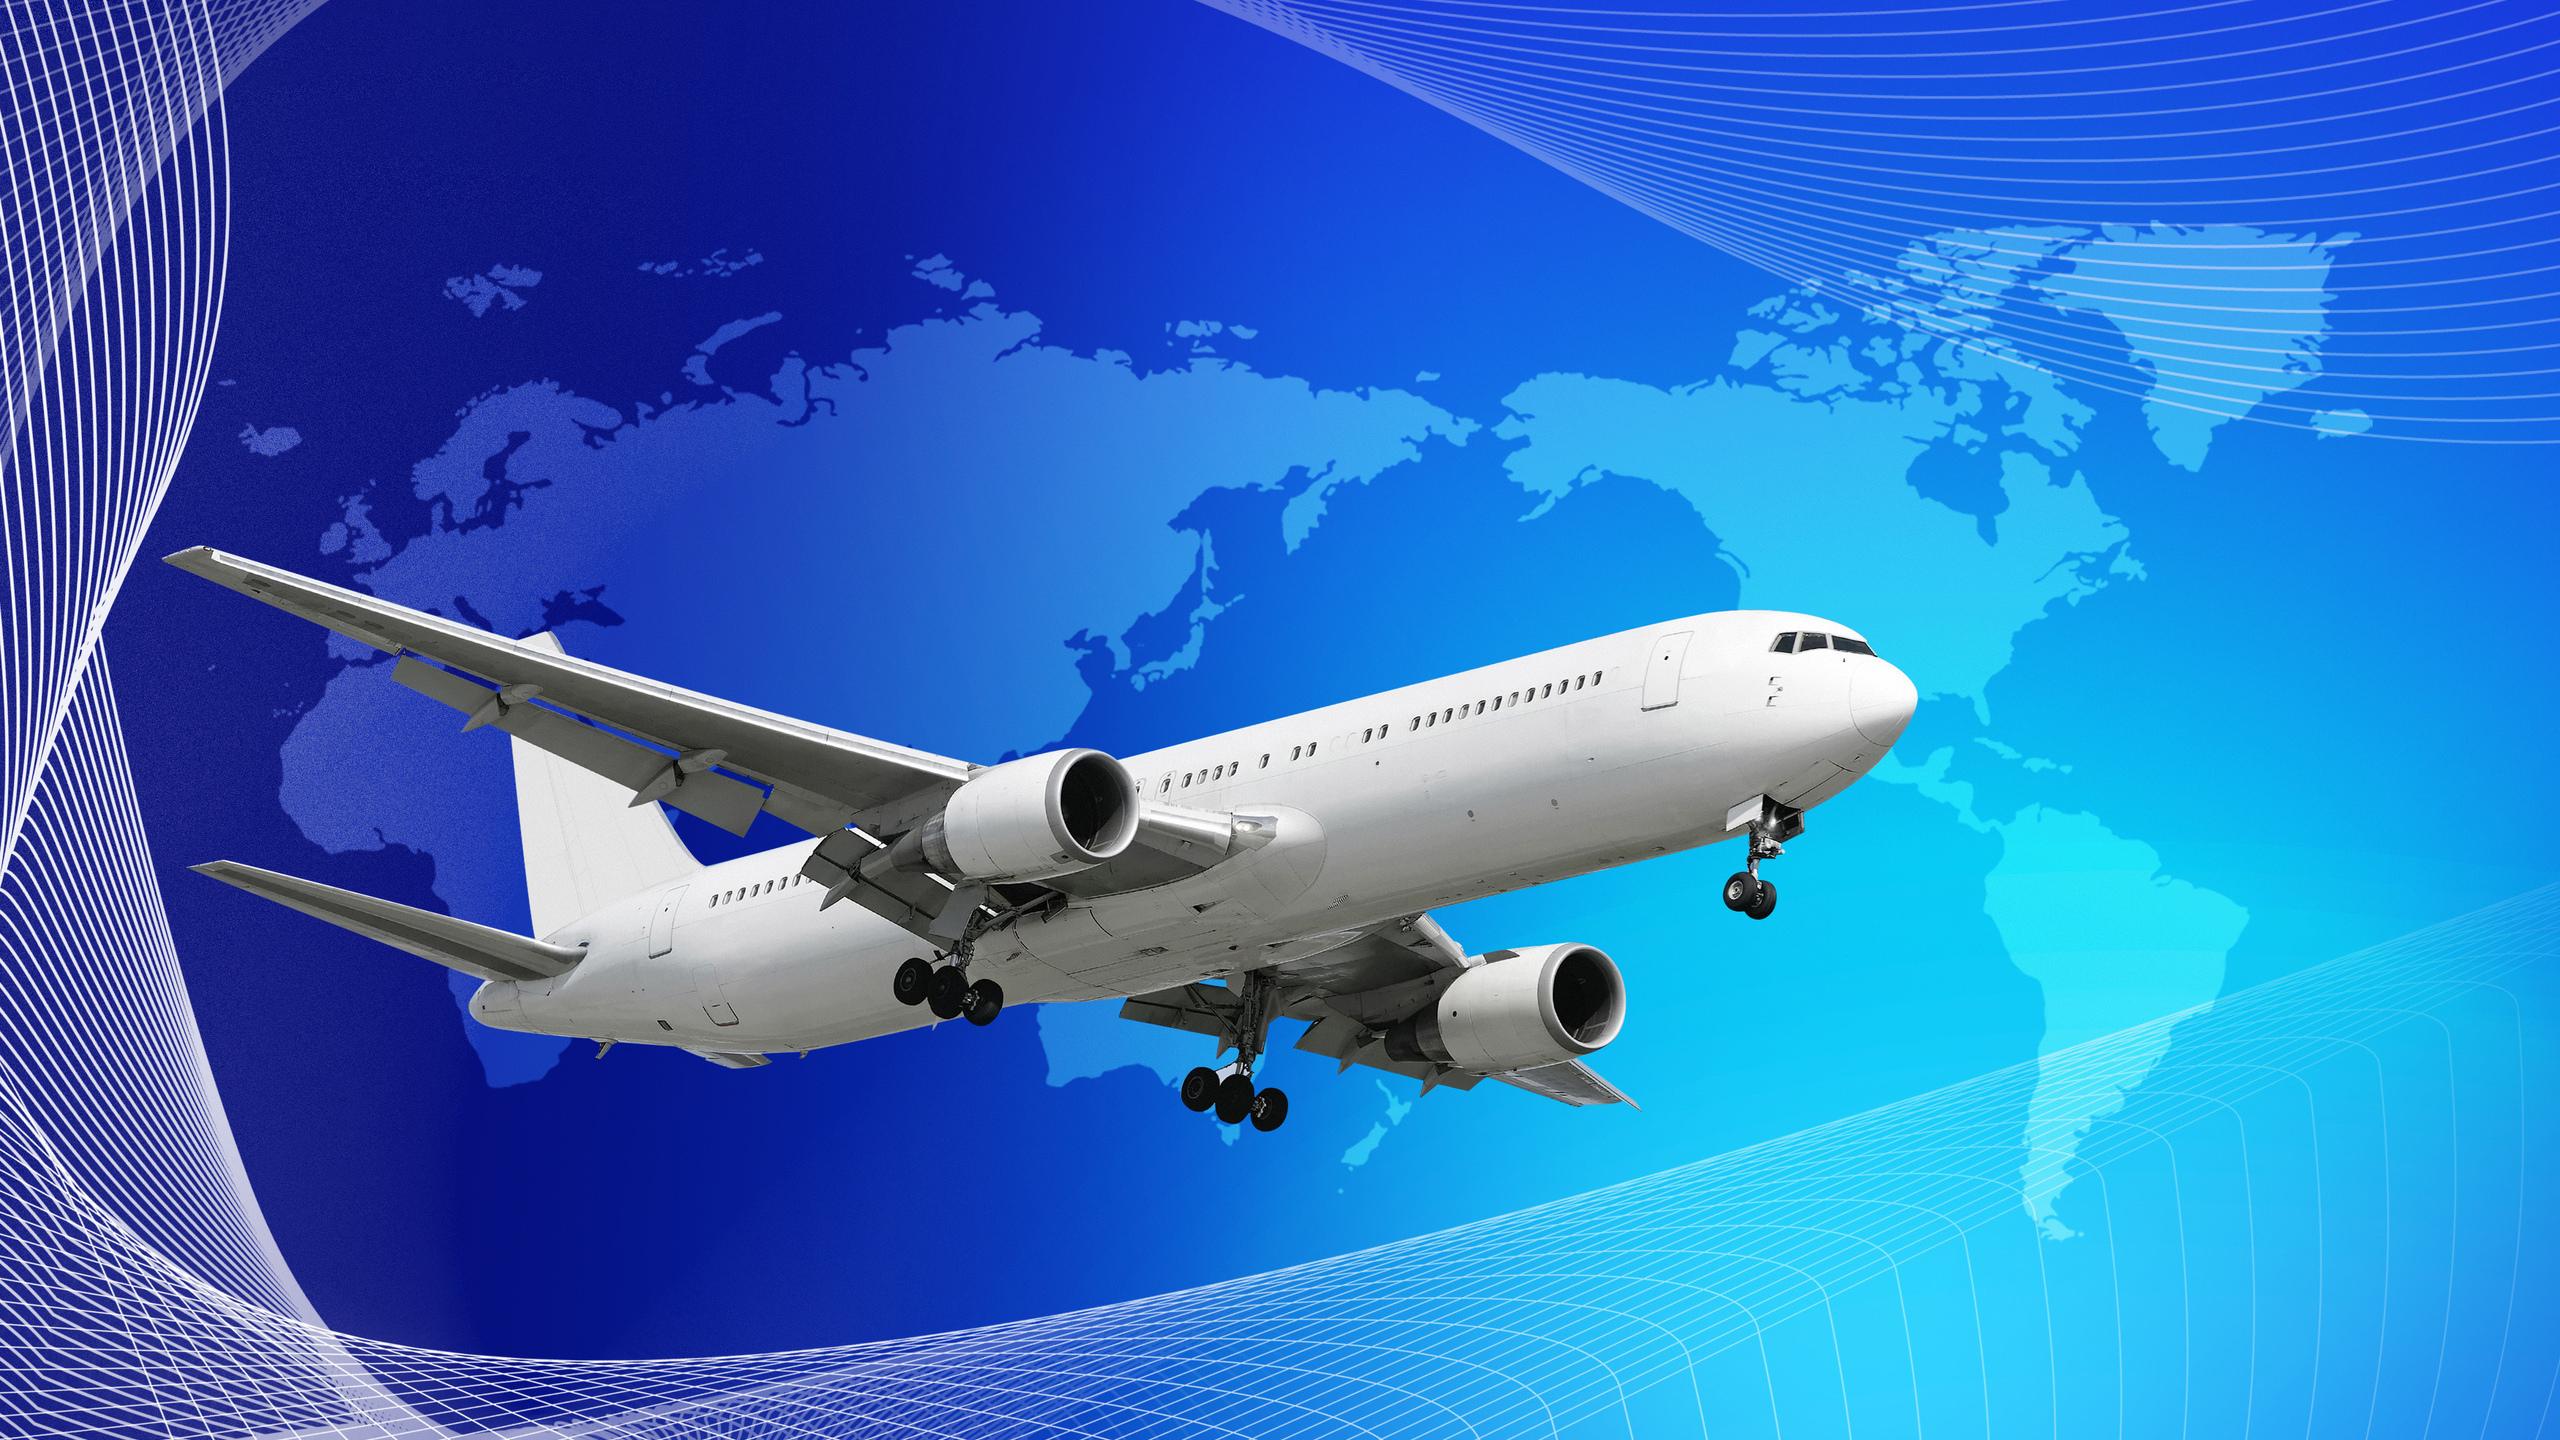 Купить Авиабилеты на Самолет в Казахстан по Выгодной Цене